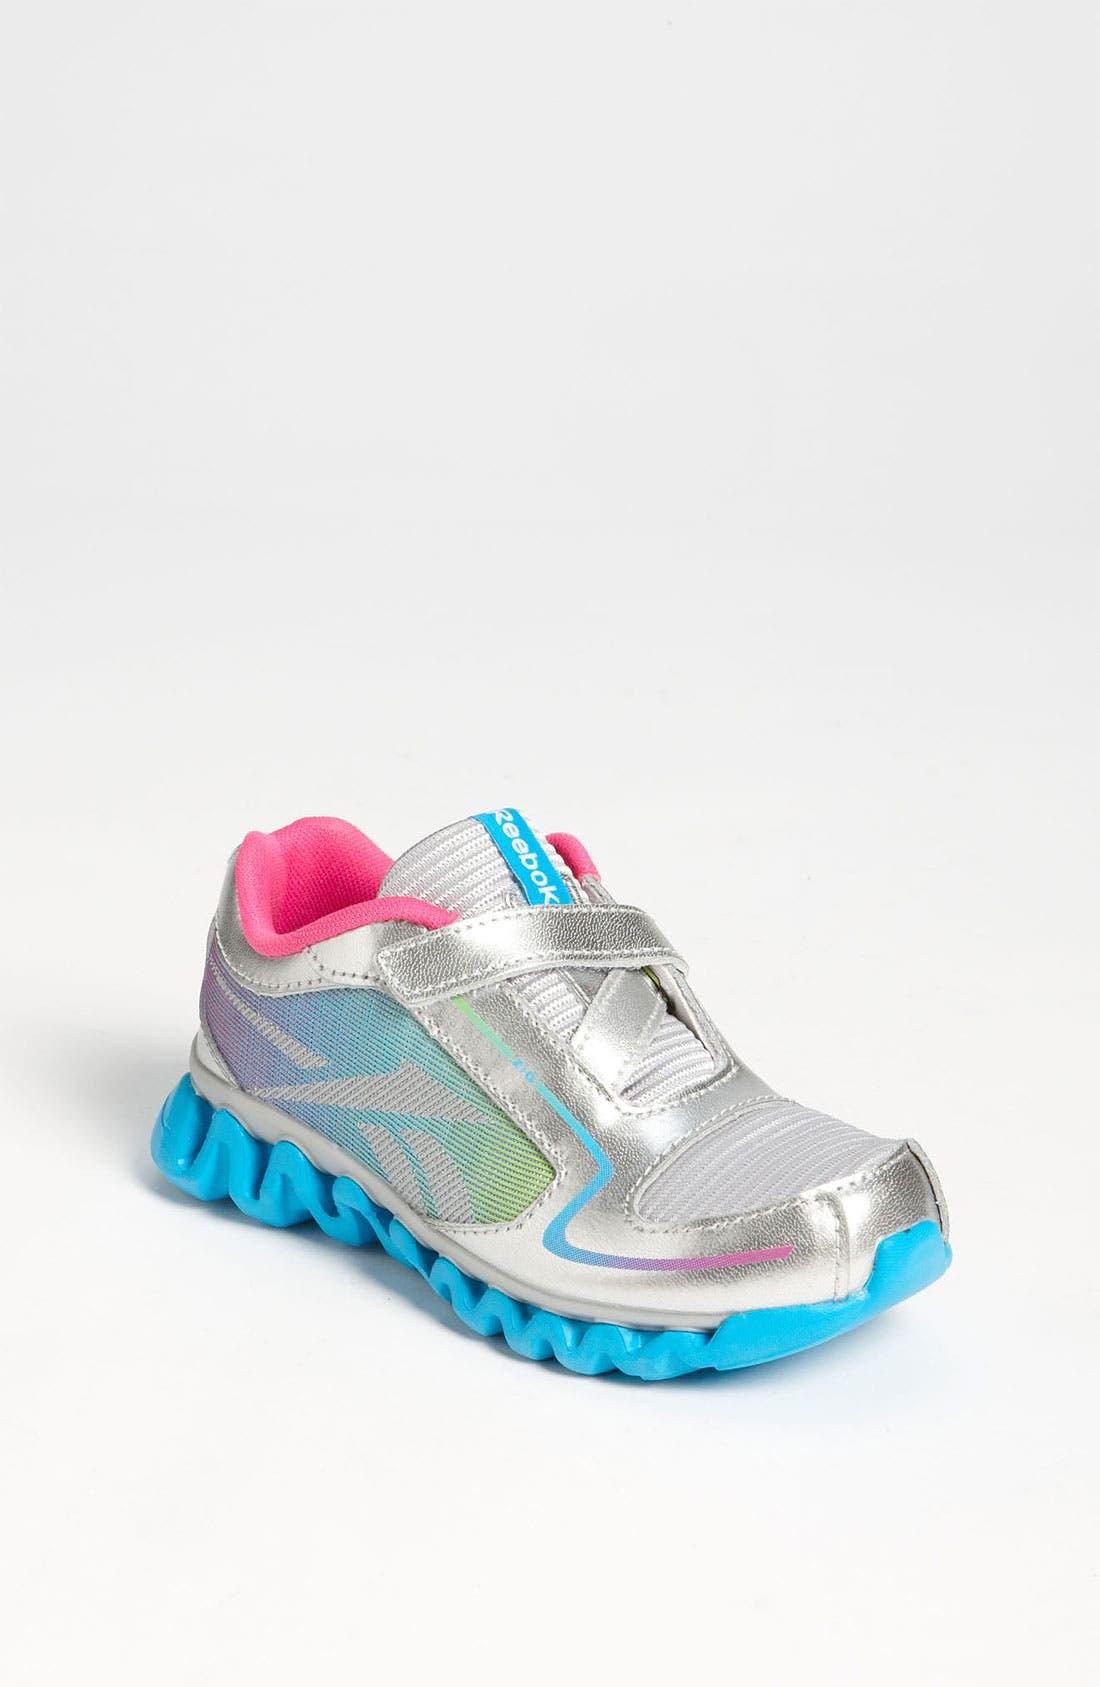 Alternate Image 1 Selected - Reebok 'ZigLite Run' Sneaker (Baby, Walker & Toddler)